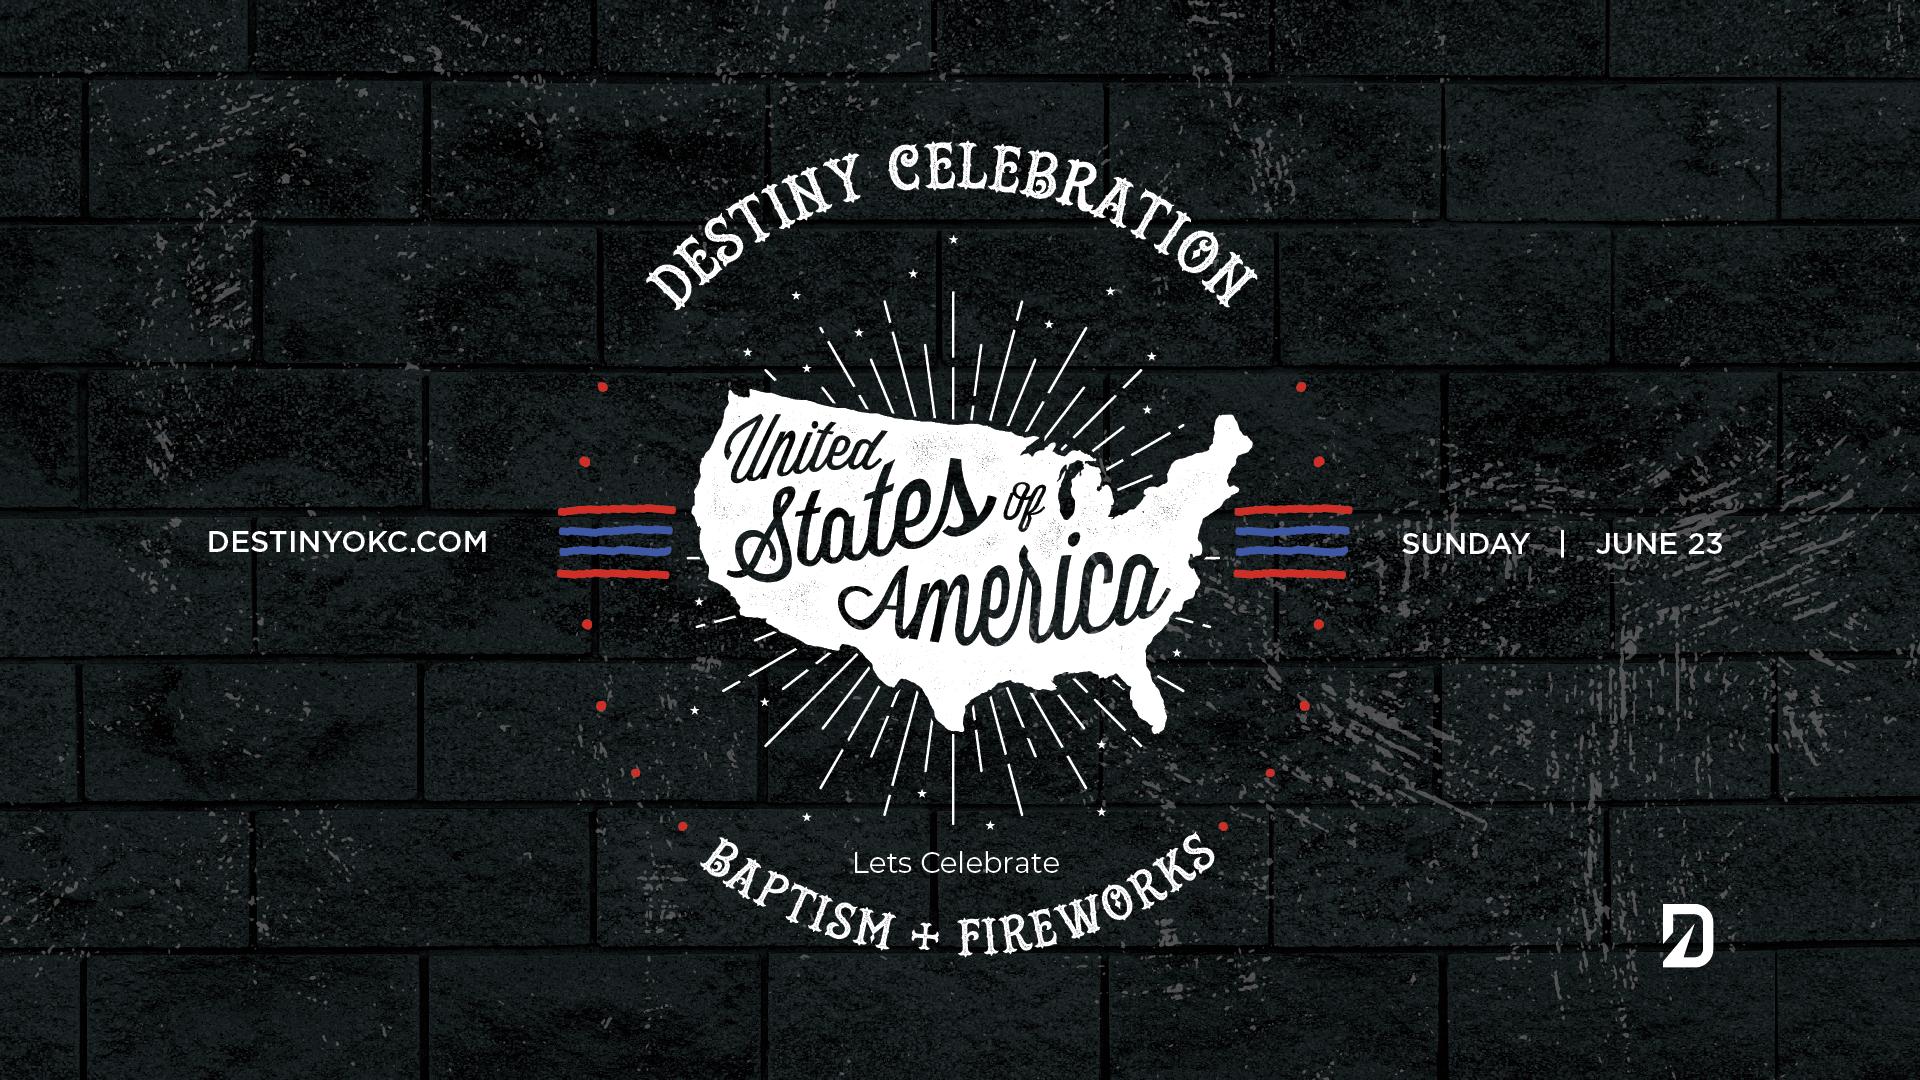 Celebration_1920x1080_v2-01.jpg